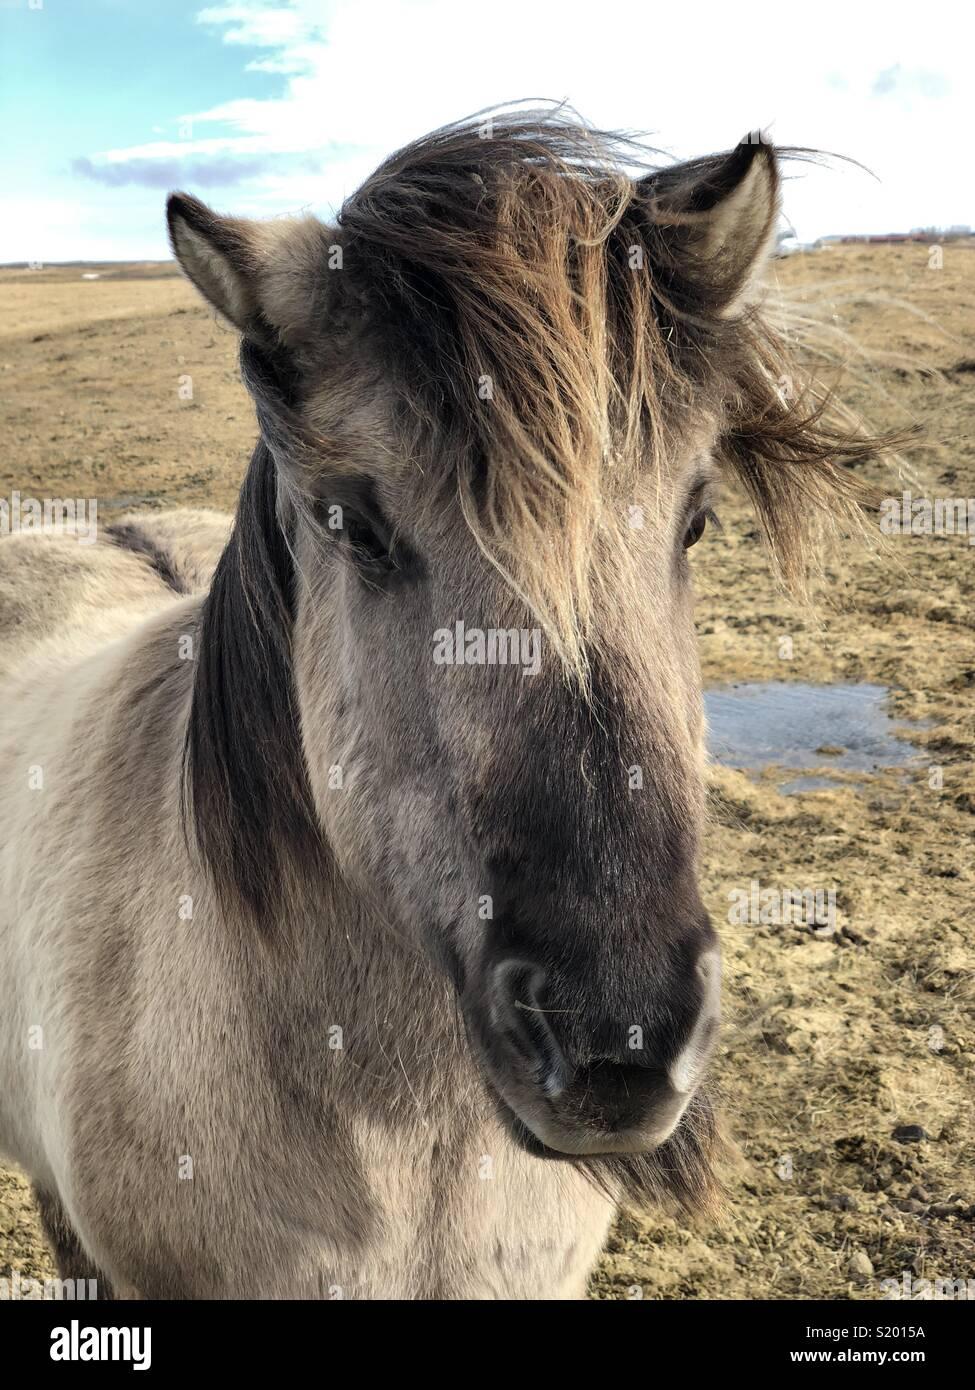 Caballo islandés - no los llama ponis ;-) Imagen De Stock